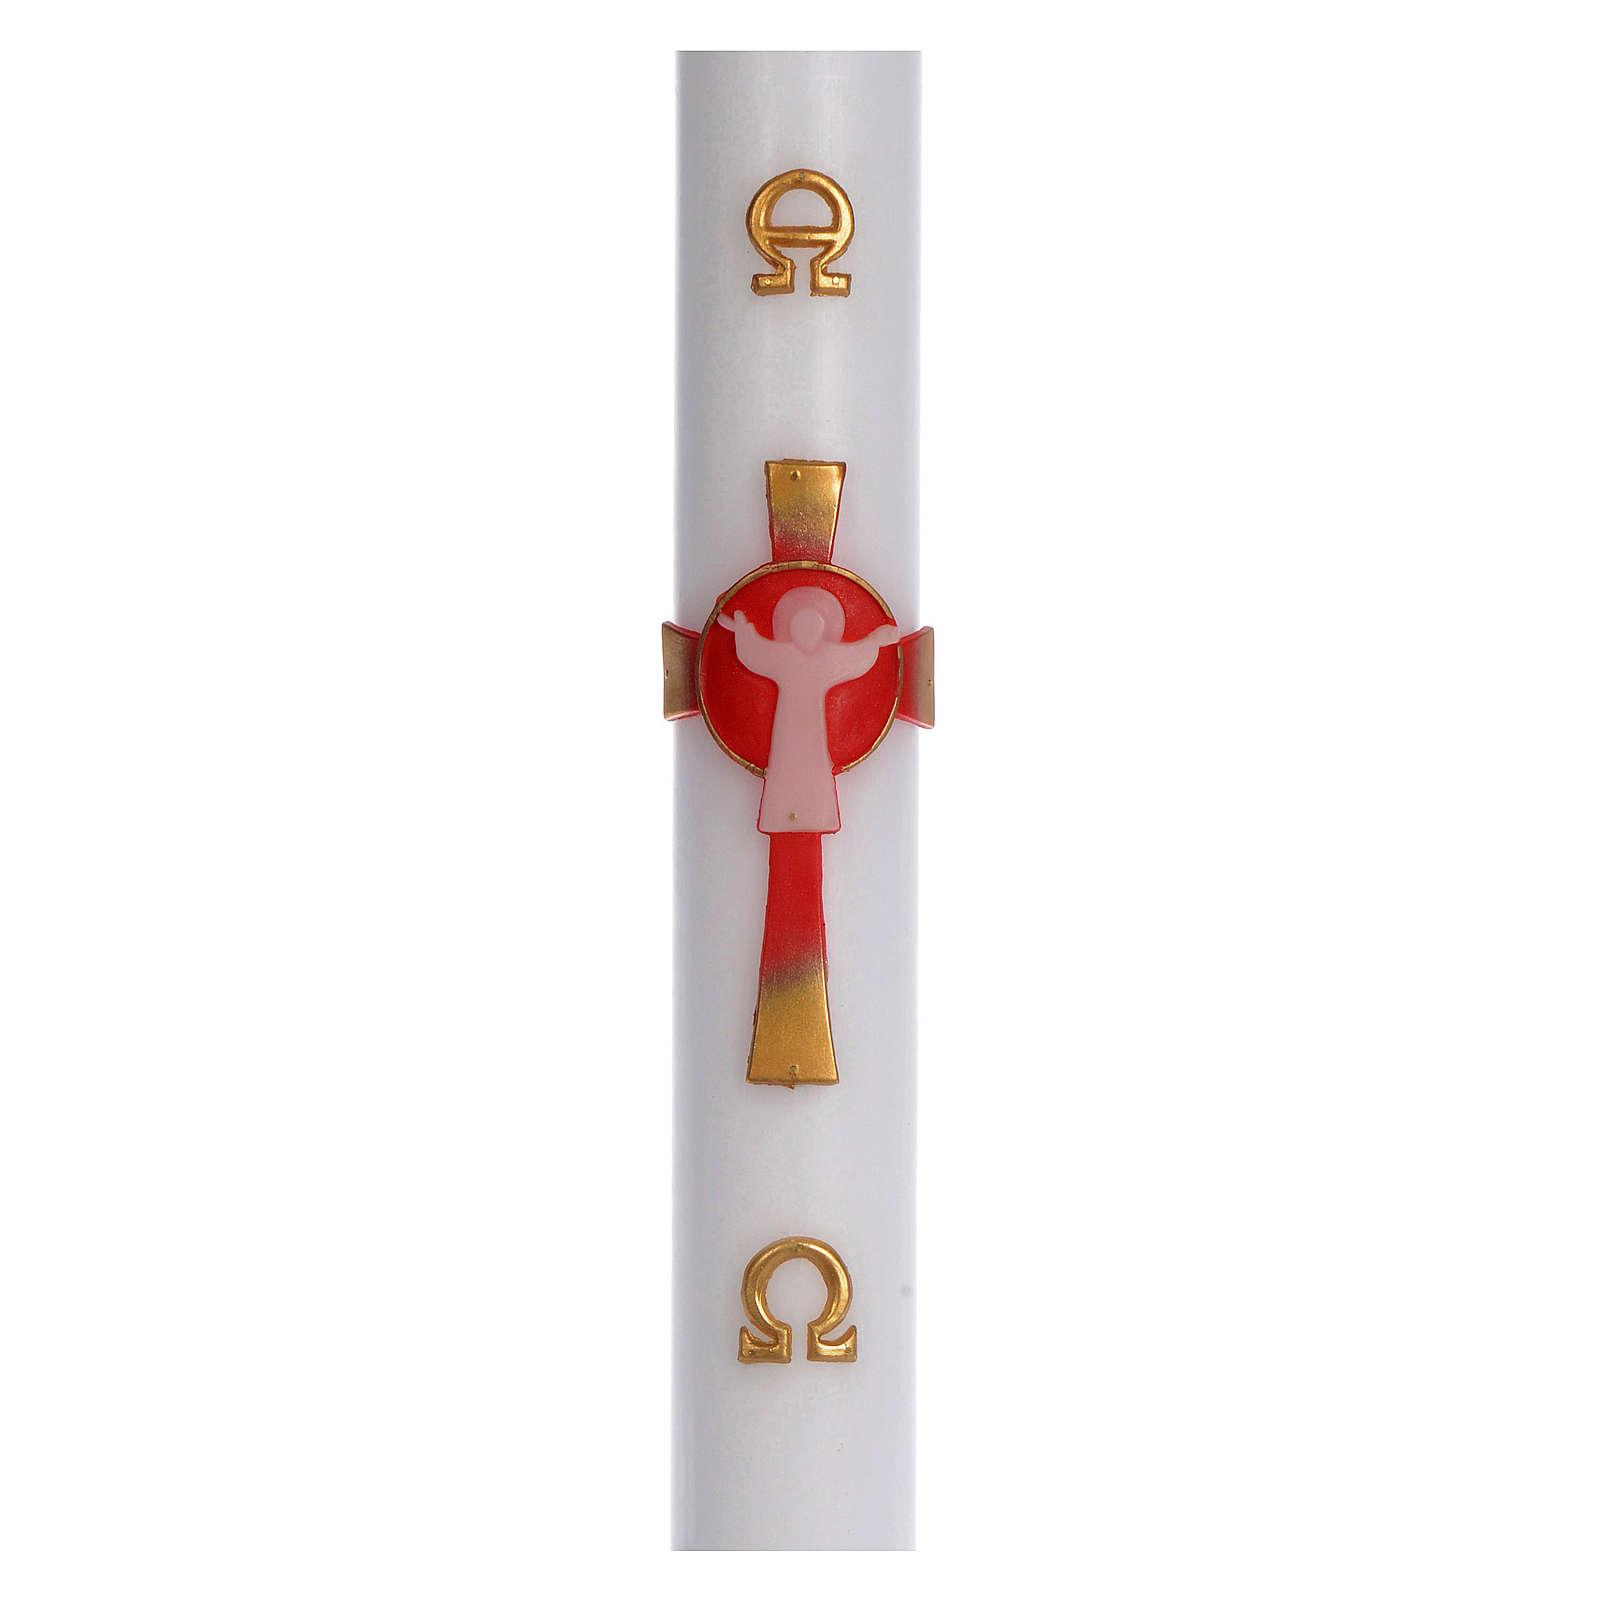 Cero pasquale cera bianca Croce Risorto rosso 8x120 cm 3